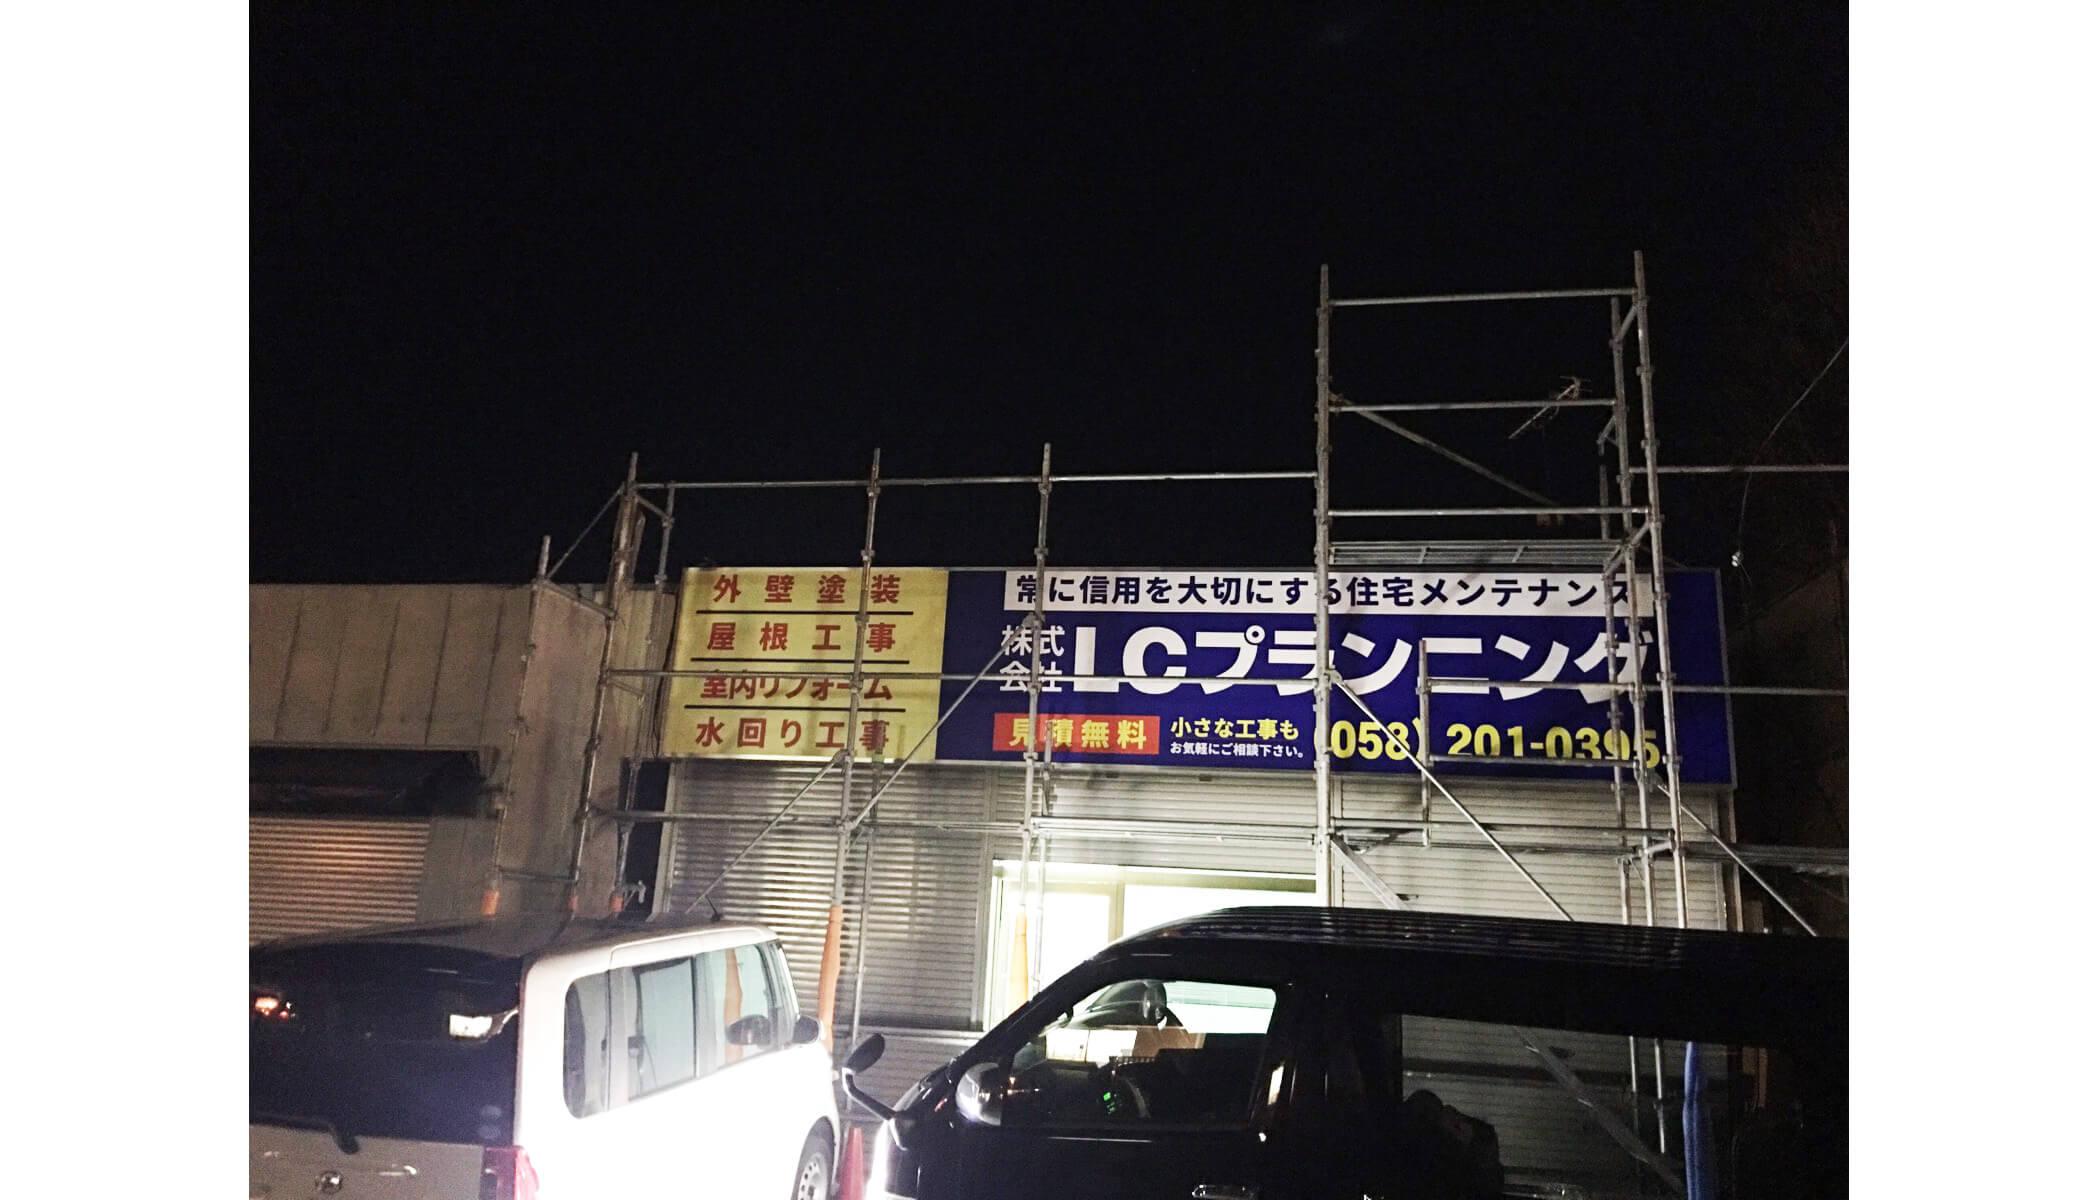 LCプランニング - 【岐阜県岐阜市】リフォーム会社様の看板施工を担当させていただきました。